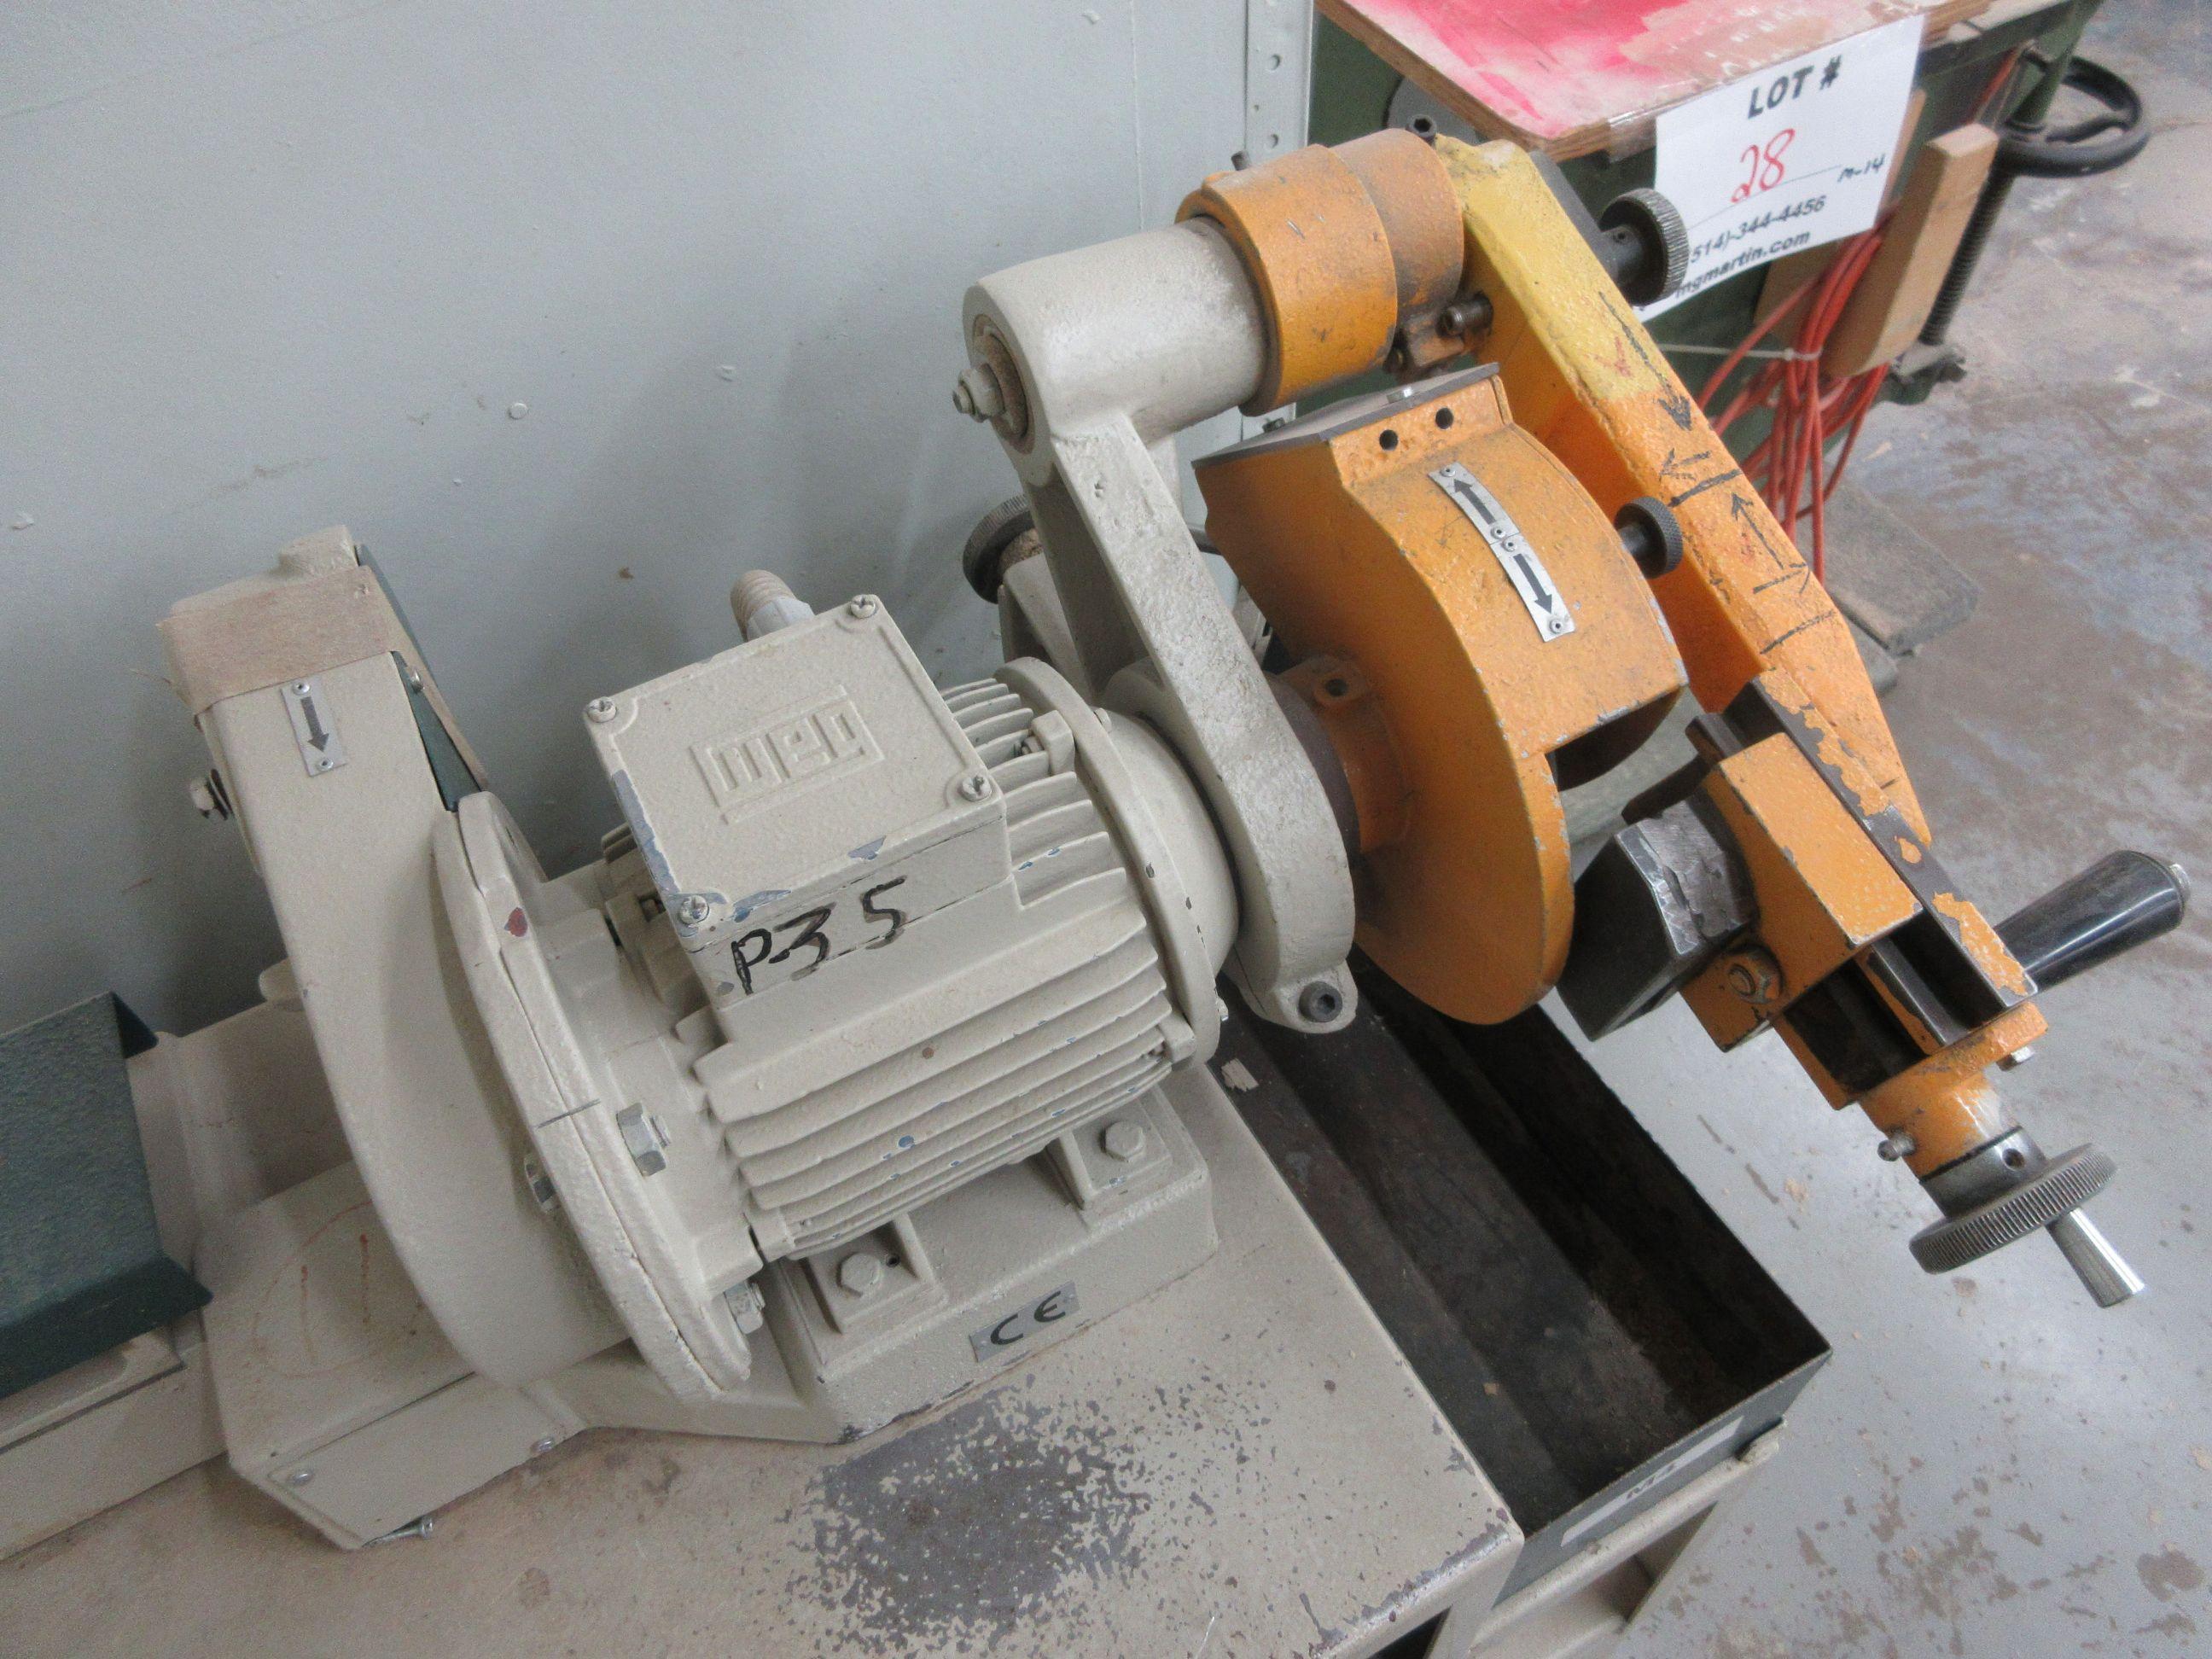 FRAMA grinder/sharpener, Mod: ATC, 600 volts - Image 3 of 6